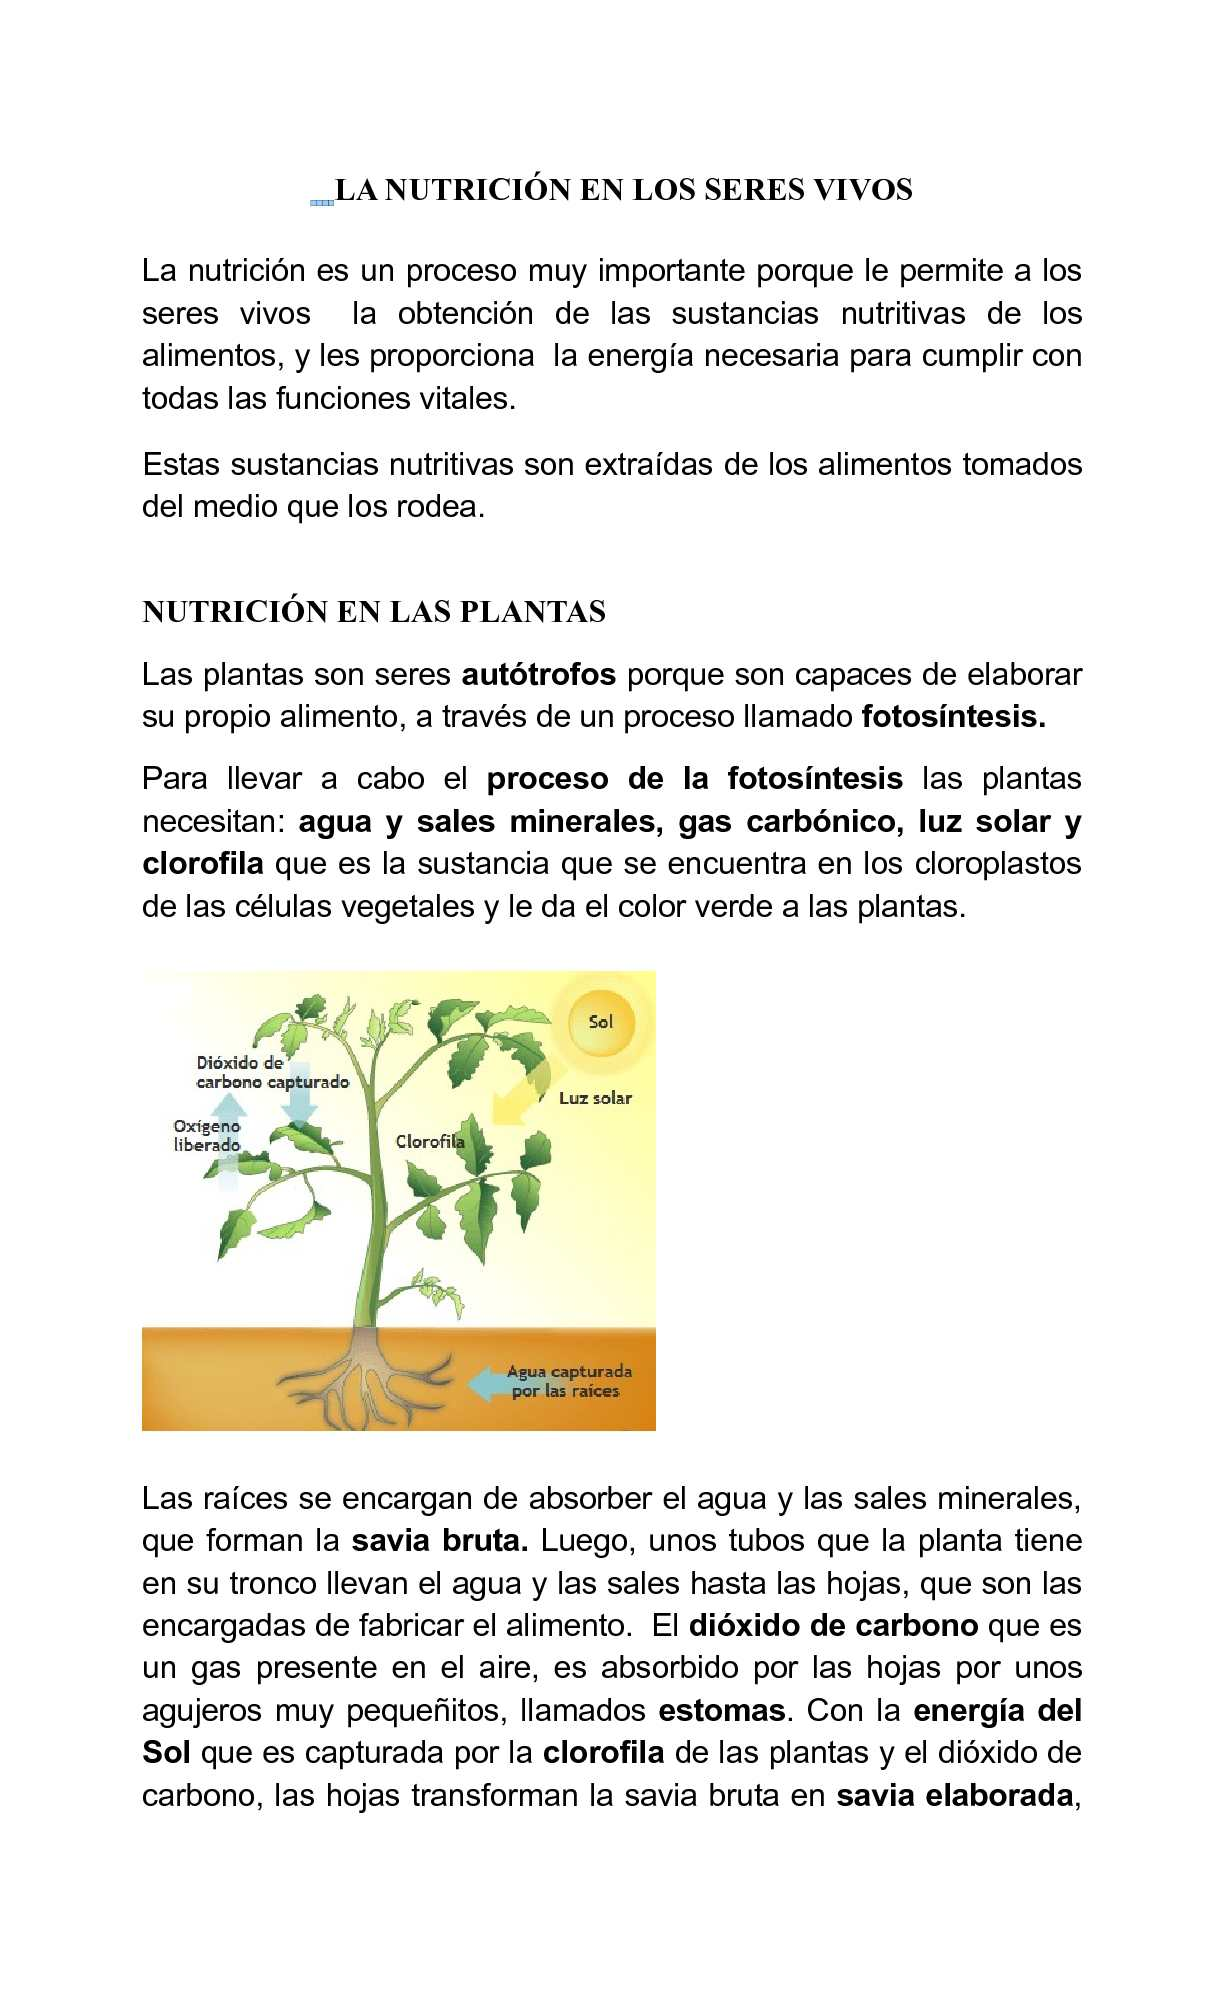 La Nutrición en los seres vivos